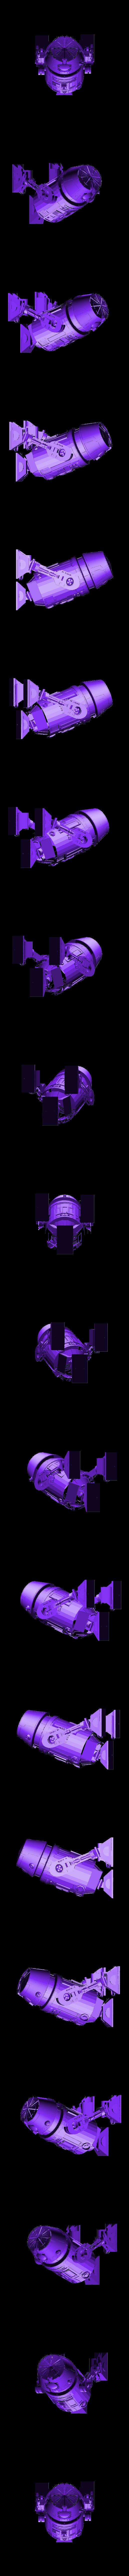 BT-1.stl Télécharger fichier STL gratuit Échelle de la légion BT-1 • Plan pour impression 3D, numberninety8